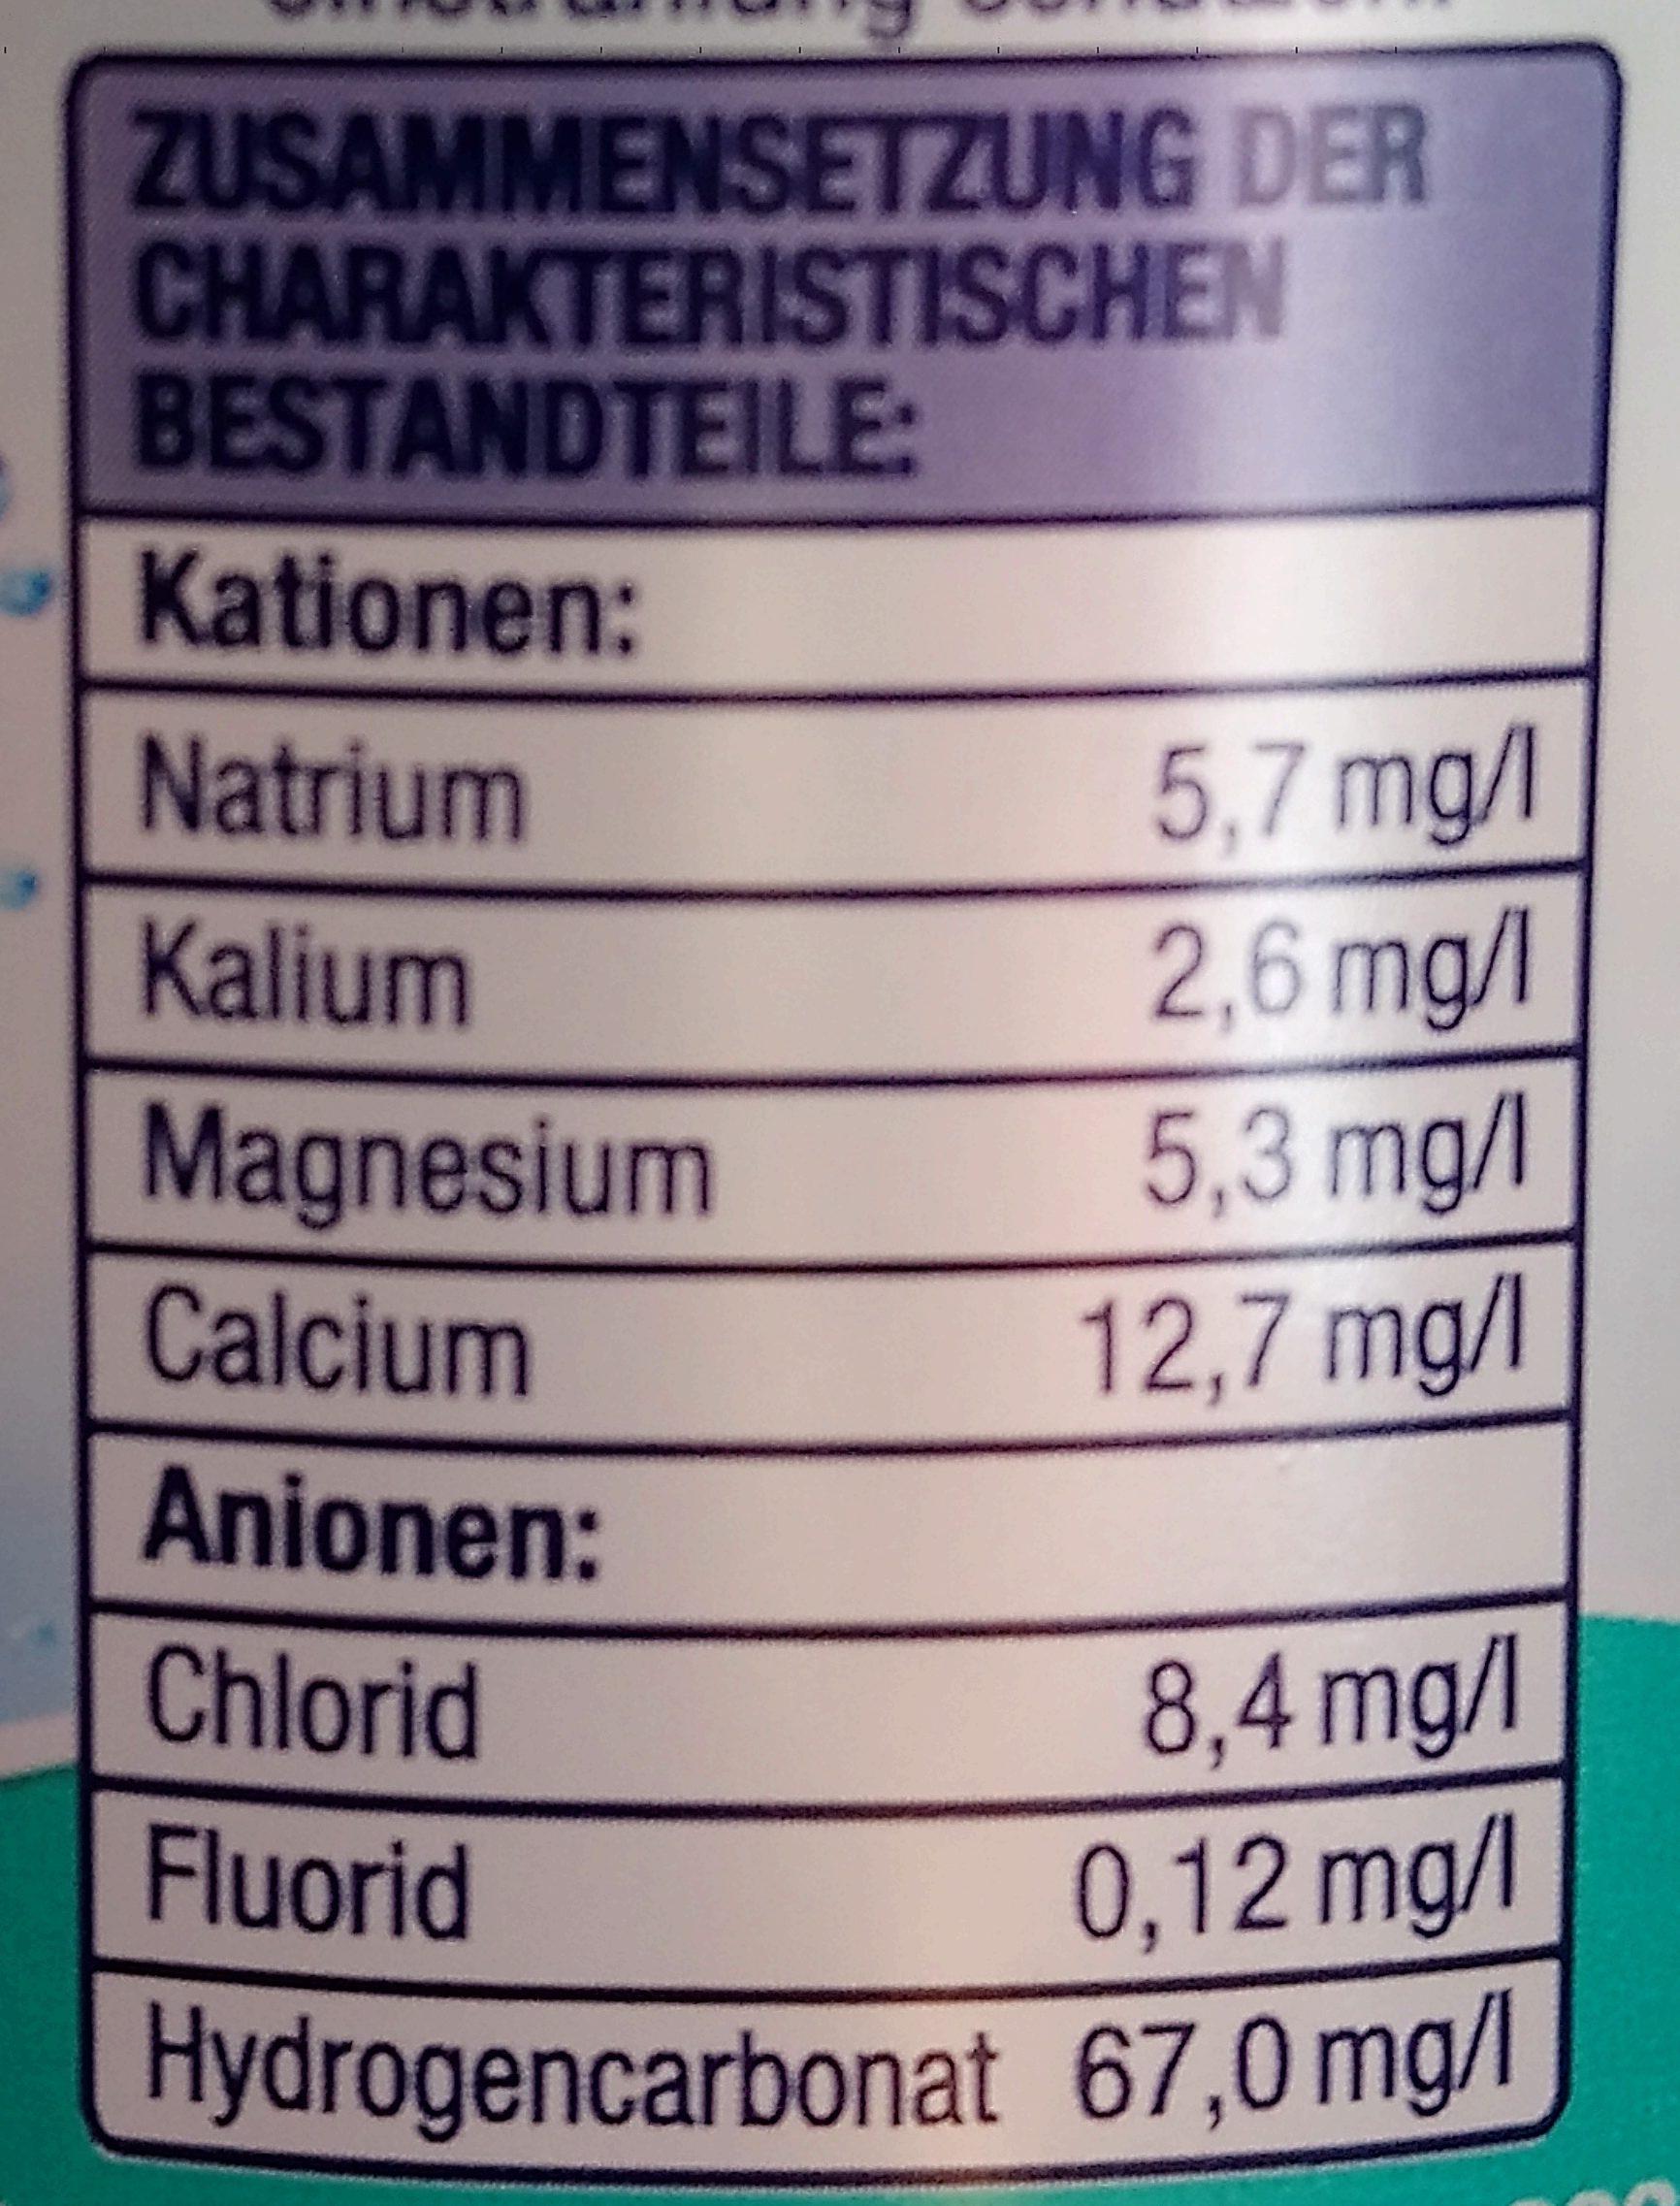 Mineralwasser medium - Informations nutritionnelles